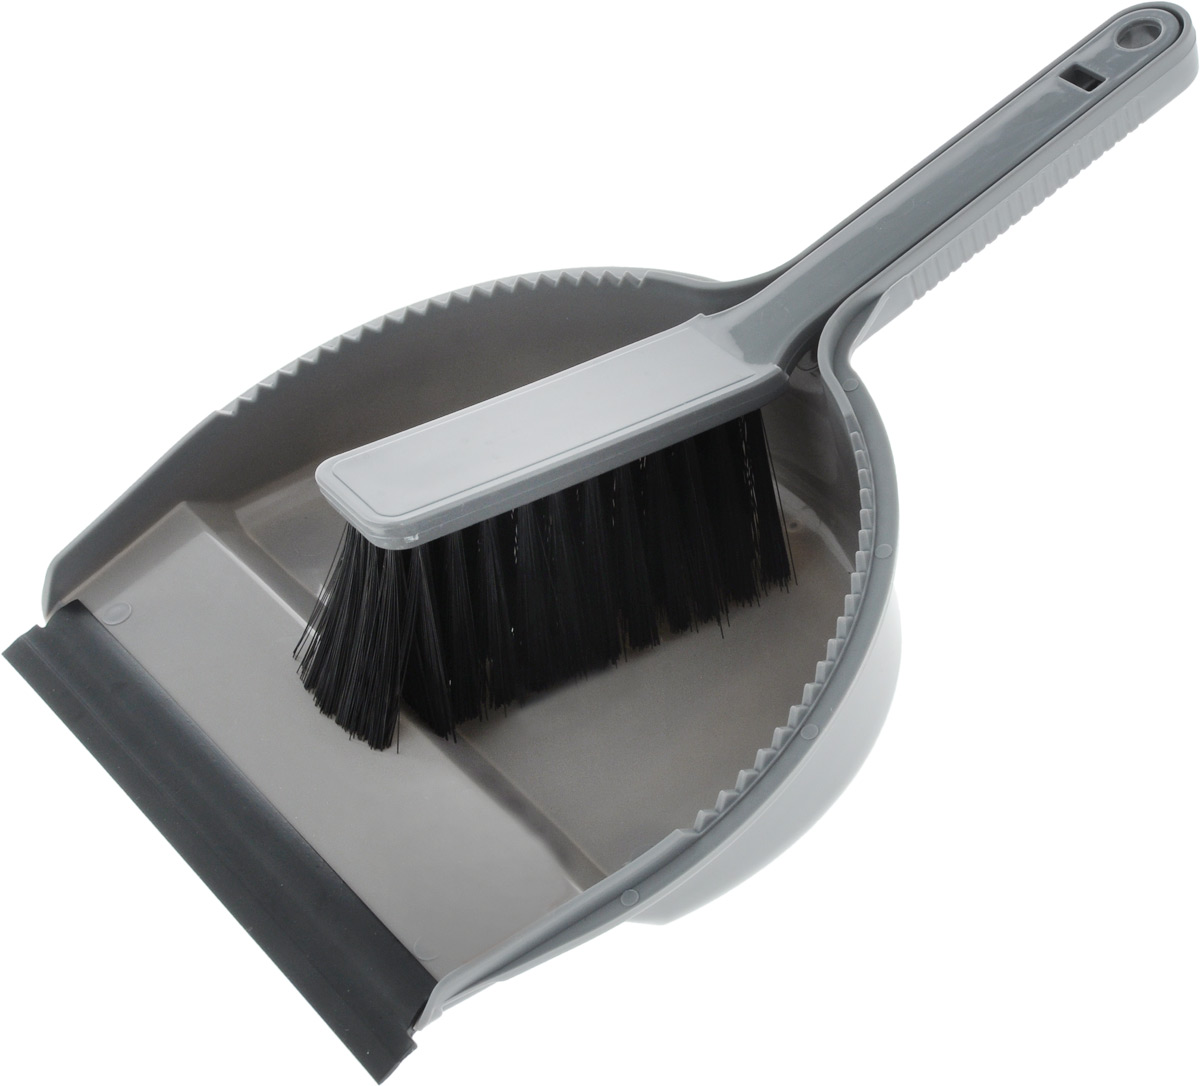 Набор для уборки Svip Лаура, с кромкой, цвет: серебряный, 2 предметаSV3026СБНабор для уборки Svip Клио, состоит из щетки-сметки и совка, выполненных из полипропилена. Он станет незаменимым помощником в деле удаления пыли и мусора с различных поверхностей. Ворс щетки достаточно длинный, что позволяет собирать даже крупный мусор. Края совка оснащены зубчиками для чистки щетки после ее использования. Совок имеетрезиновую кромку,благодаря которой удобнее собирать мусор. Ручка совка позволяетприкреплять его к рукоятке щетки. На рукояти изделий имеется специальное отверстие дляподвешивания. Длина щетки-сметки: 25,2 см.Длина ворса: 5,5 см.Размер рабочей поверхности совка: 18,5 х 19 см. Размер совка (с учетом ручки): 33 х 19 х 6 см.